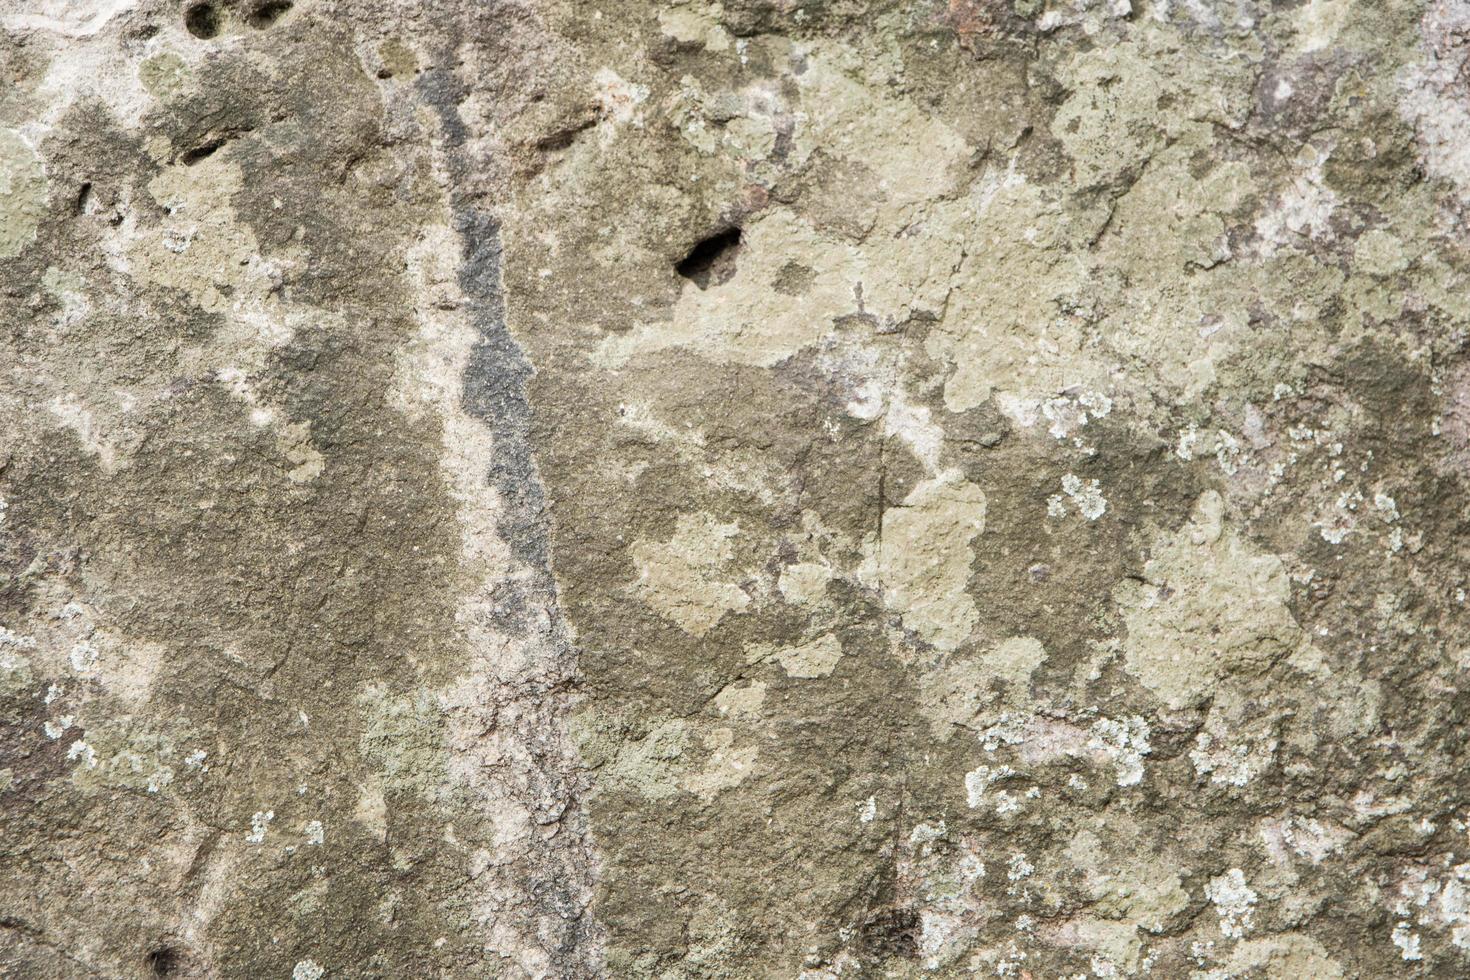 mönstrad sten bakgrund foto